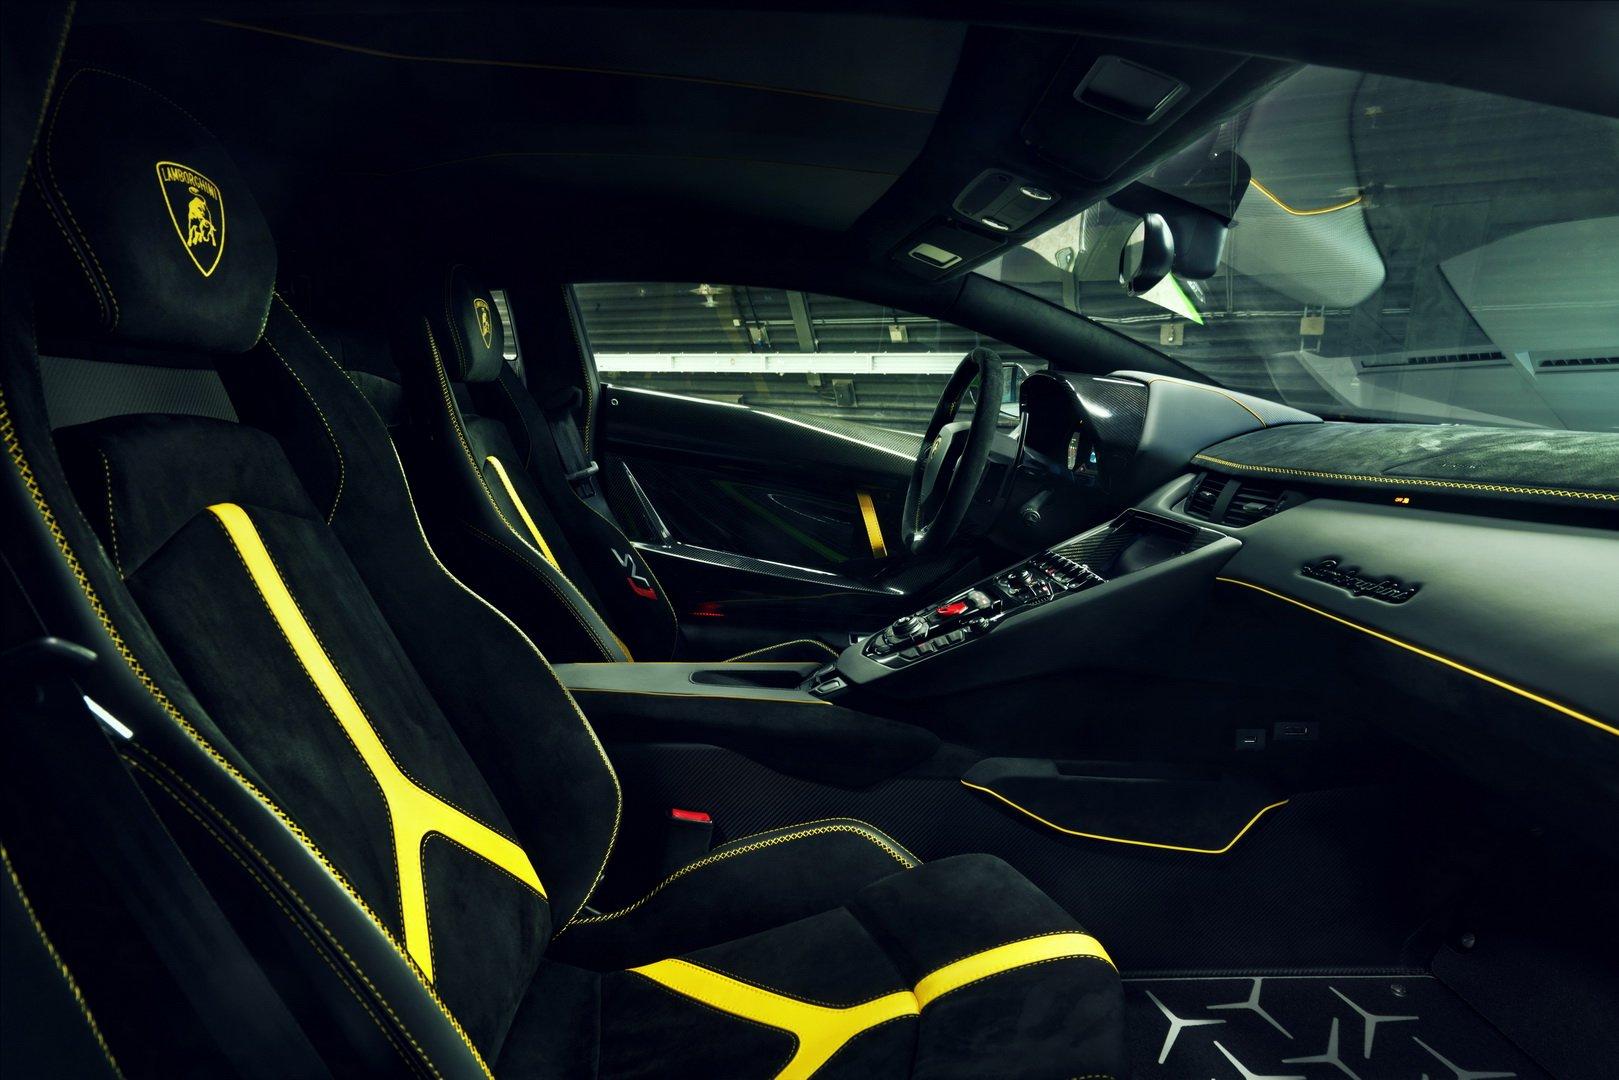 Lamborghini-Aventador-SVJ-by-Novitec-11